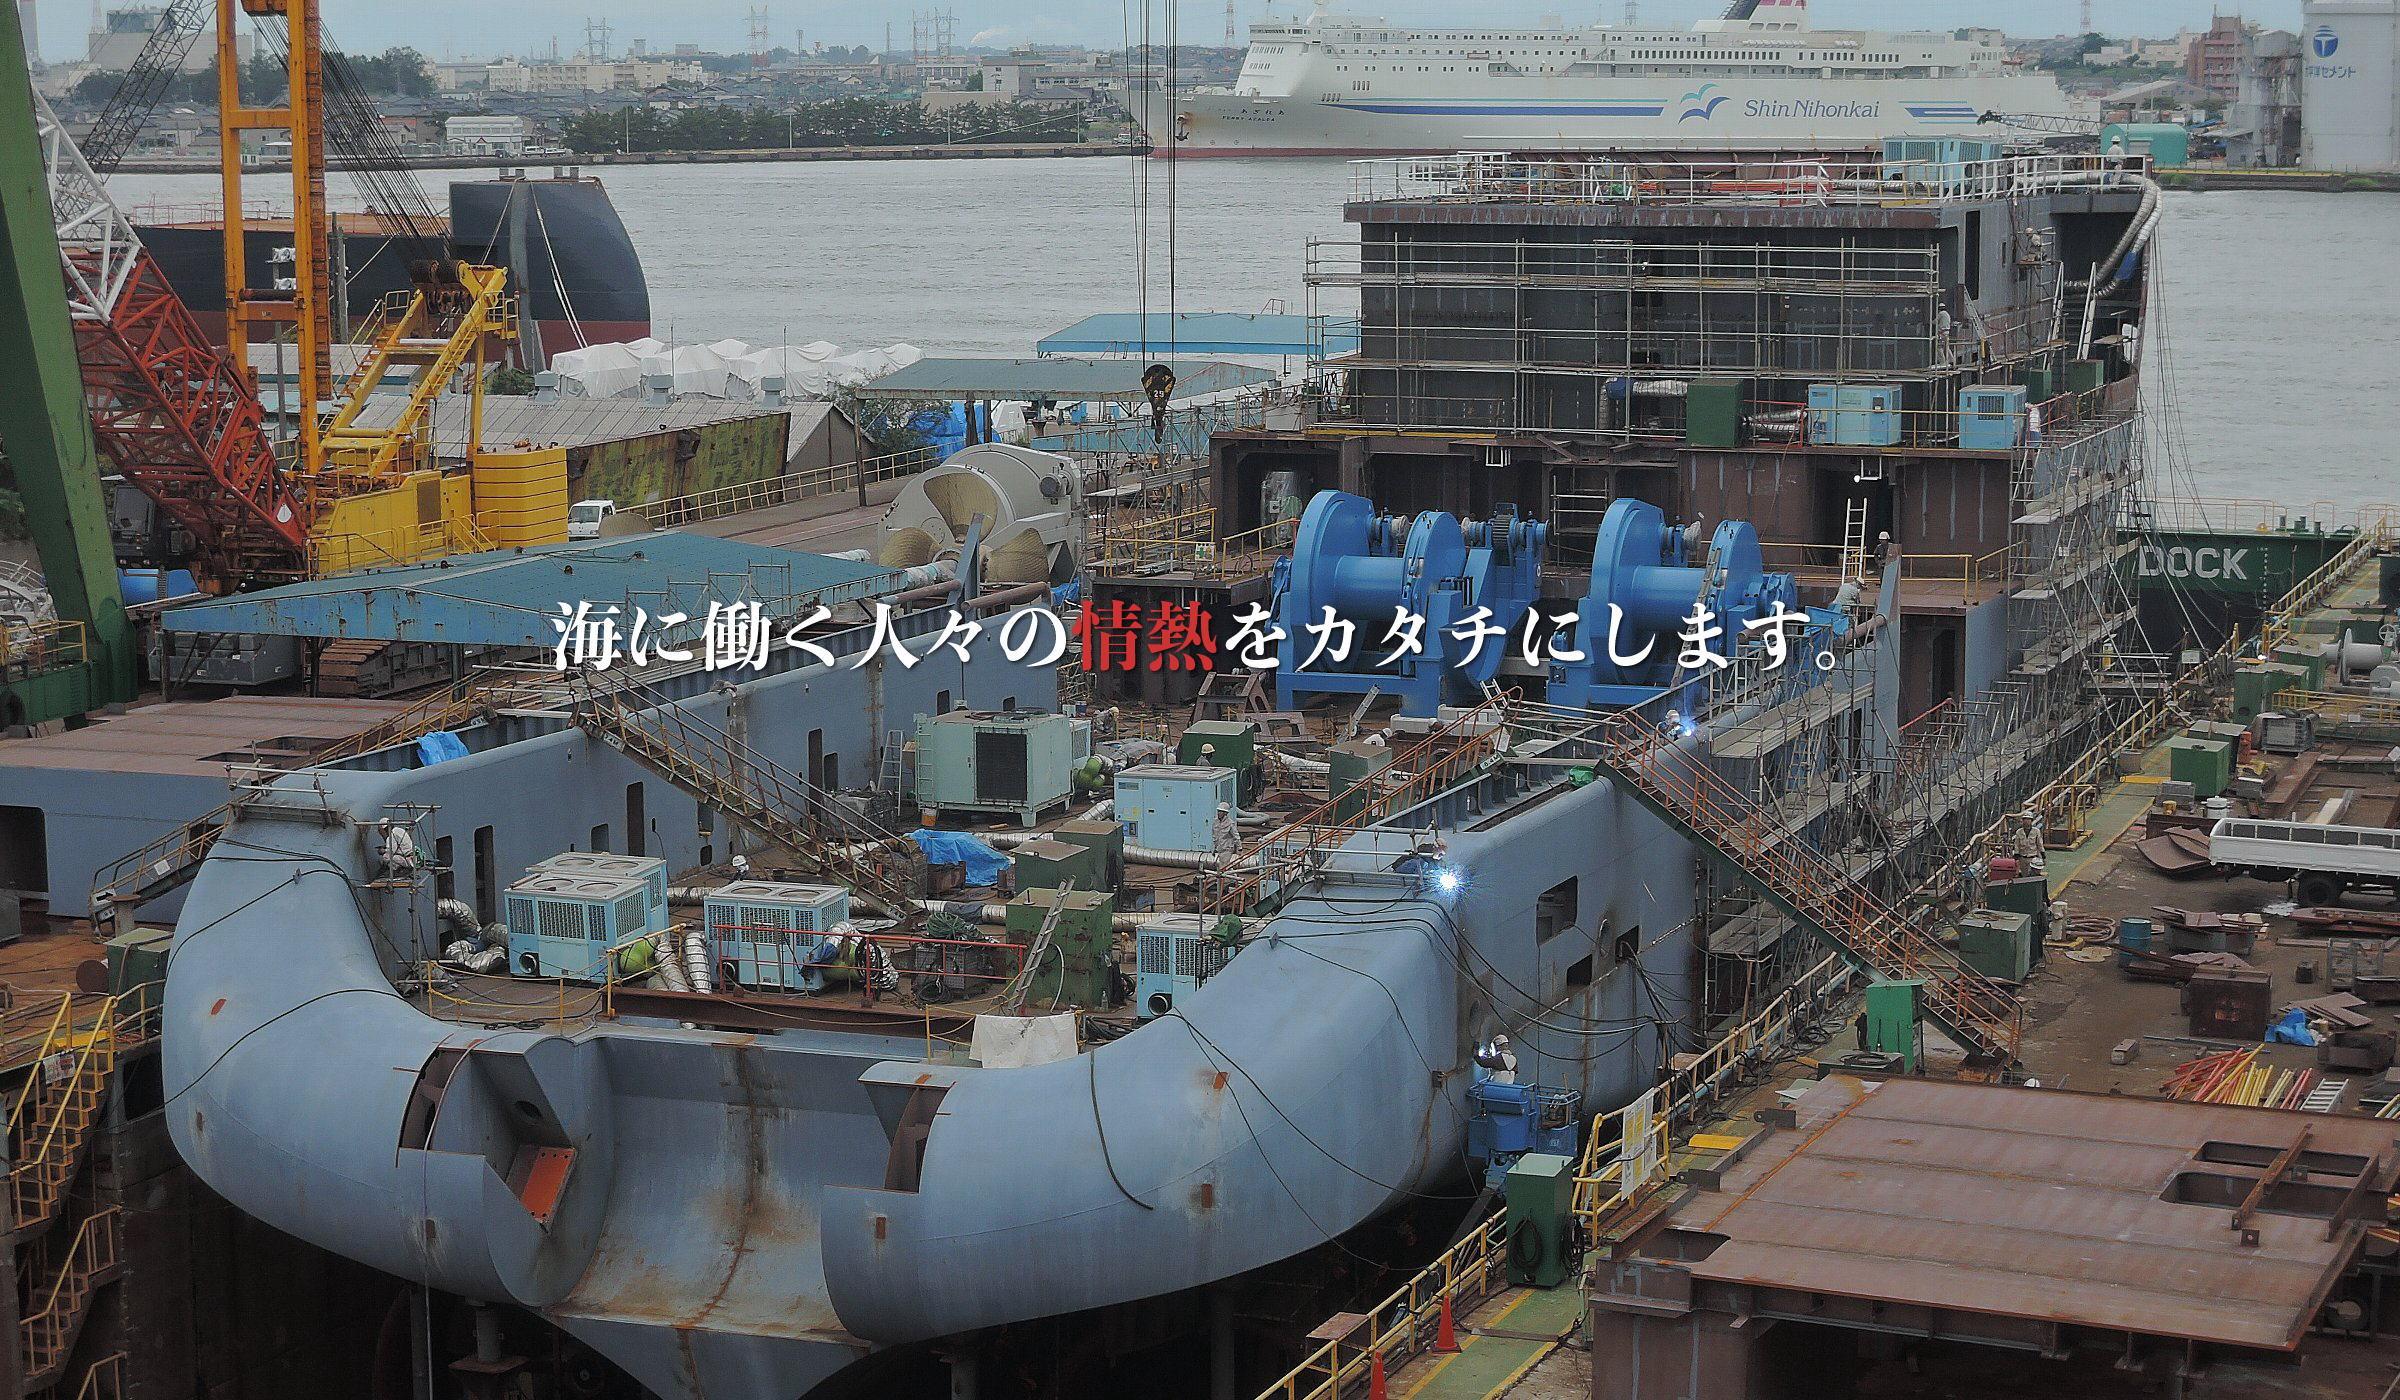 新潟造船株式会社 / 公式ホームページ